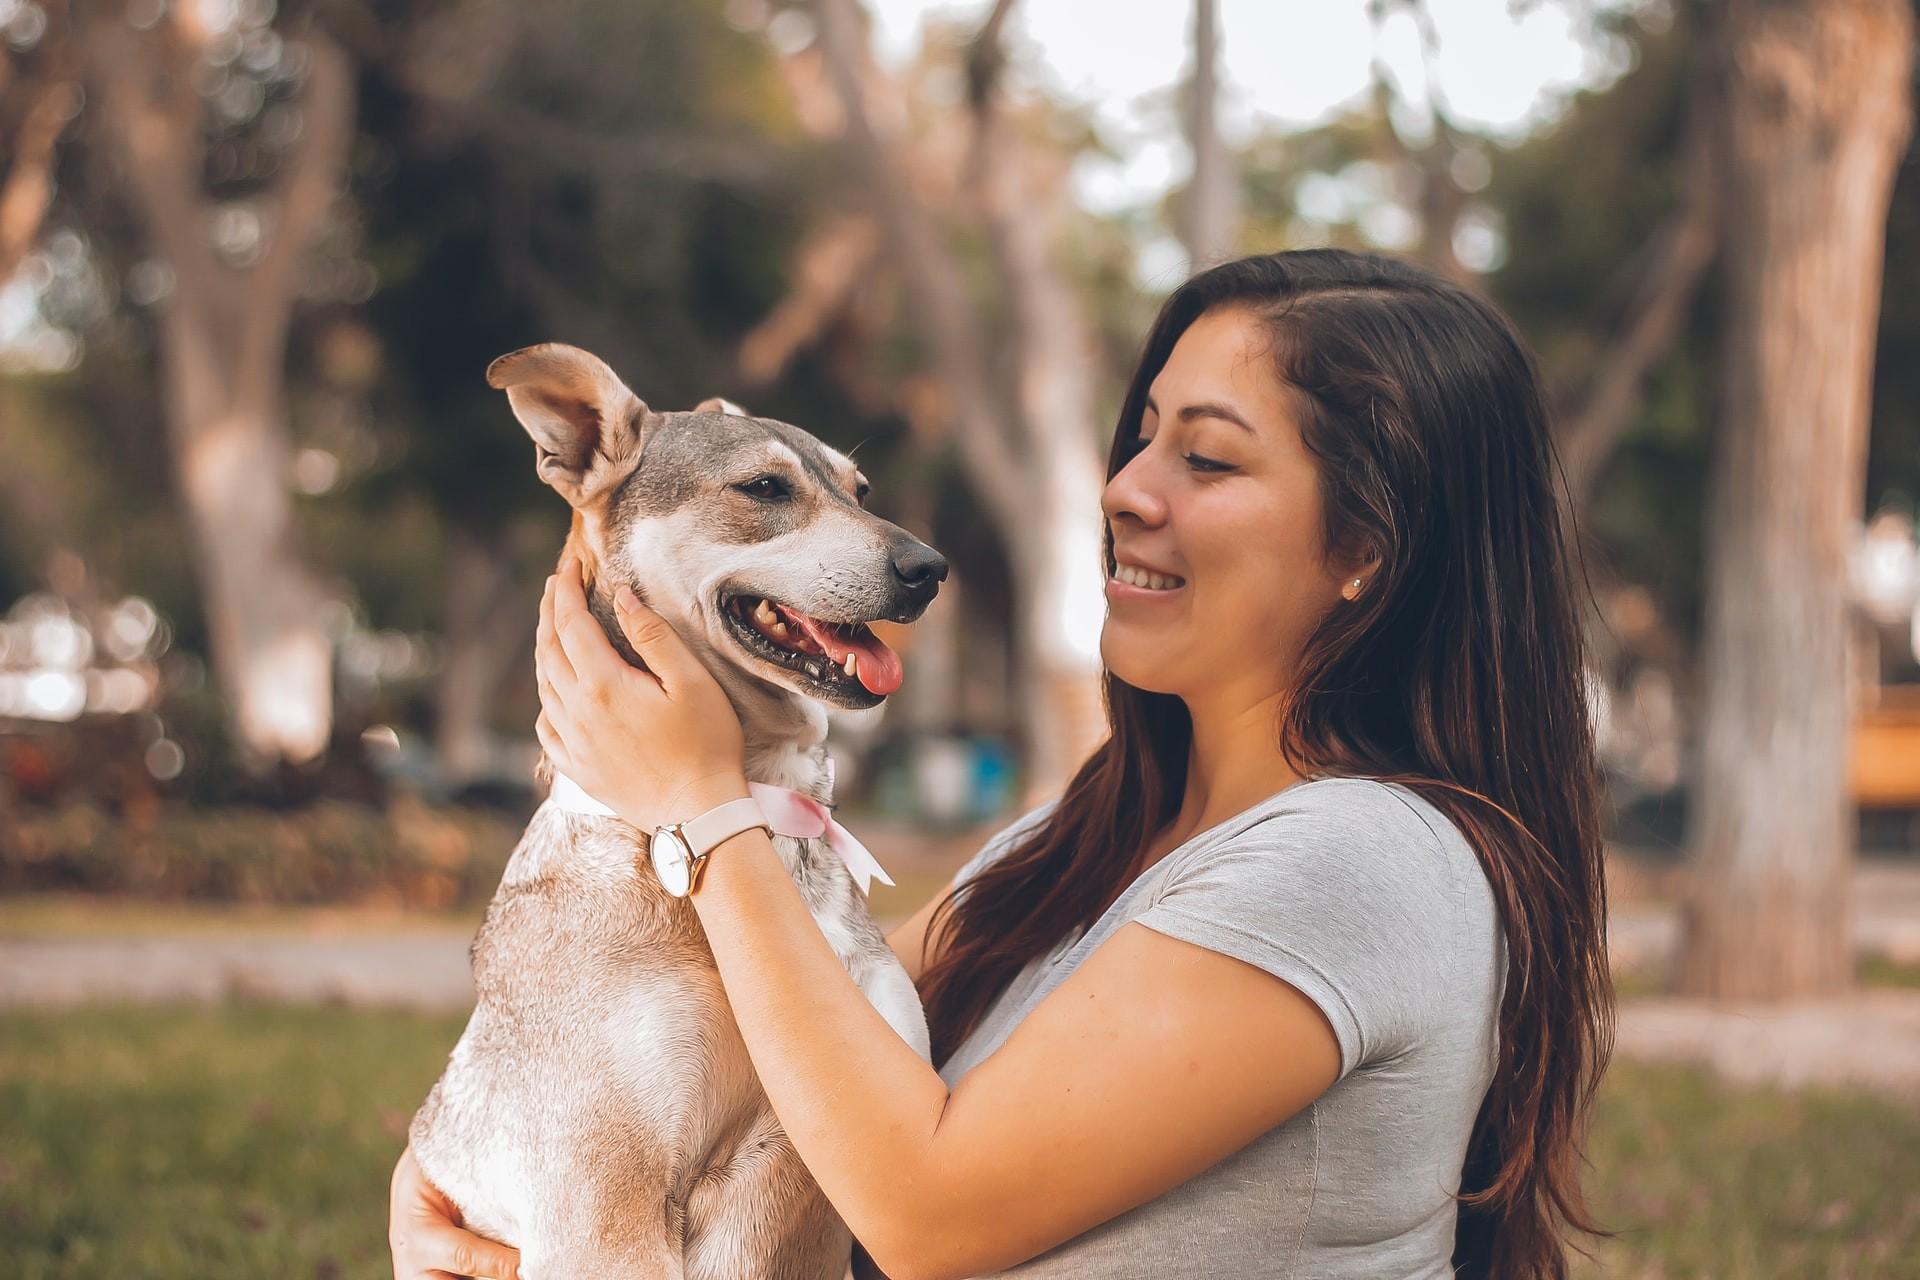 Segundo pesquisa, a adoção de pets é uma tendência que reflete a mudança de comportamento dos brasileiros em relação aos amigos de quatro patas (Foto: Unsplash)